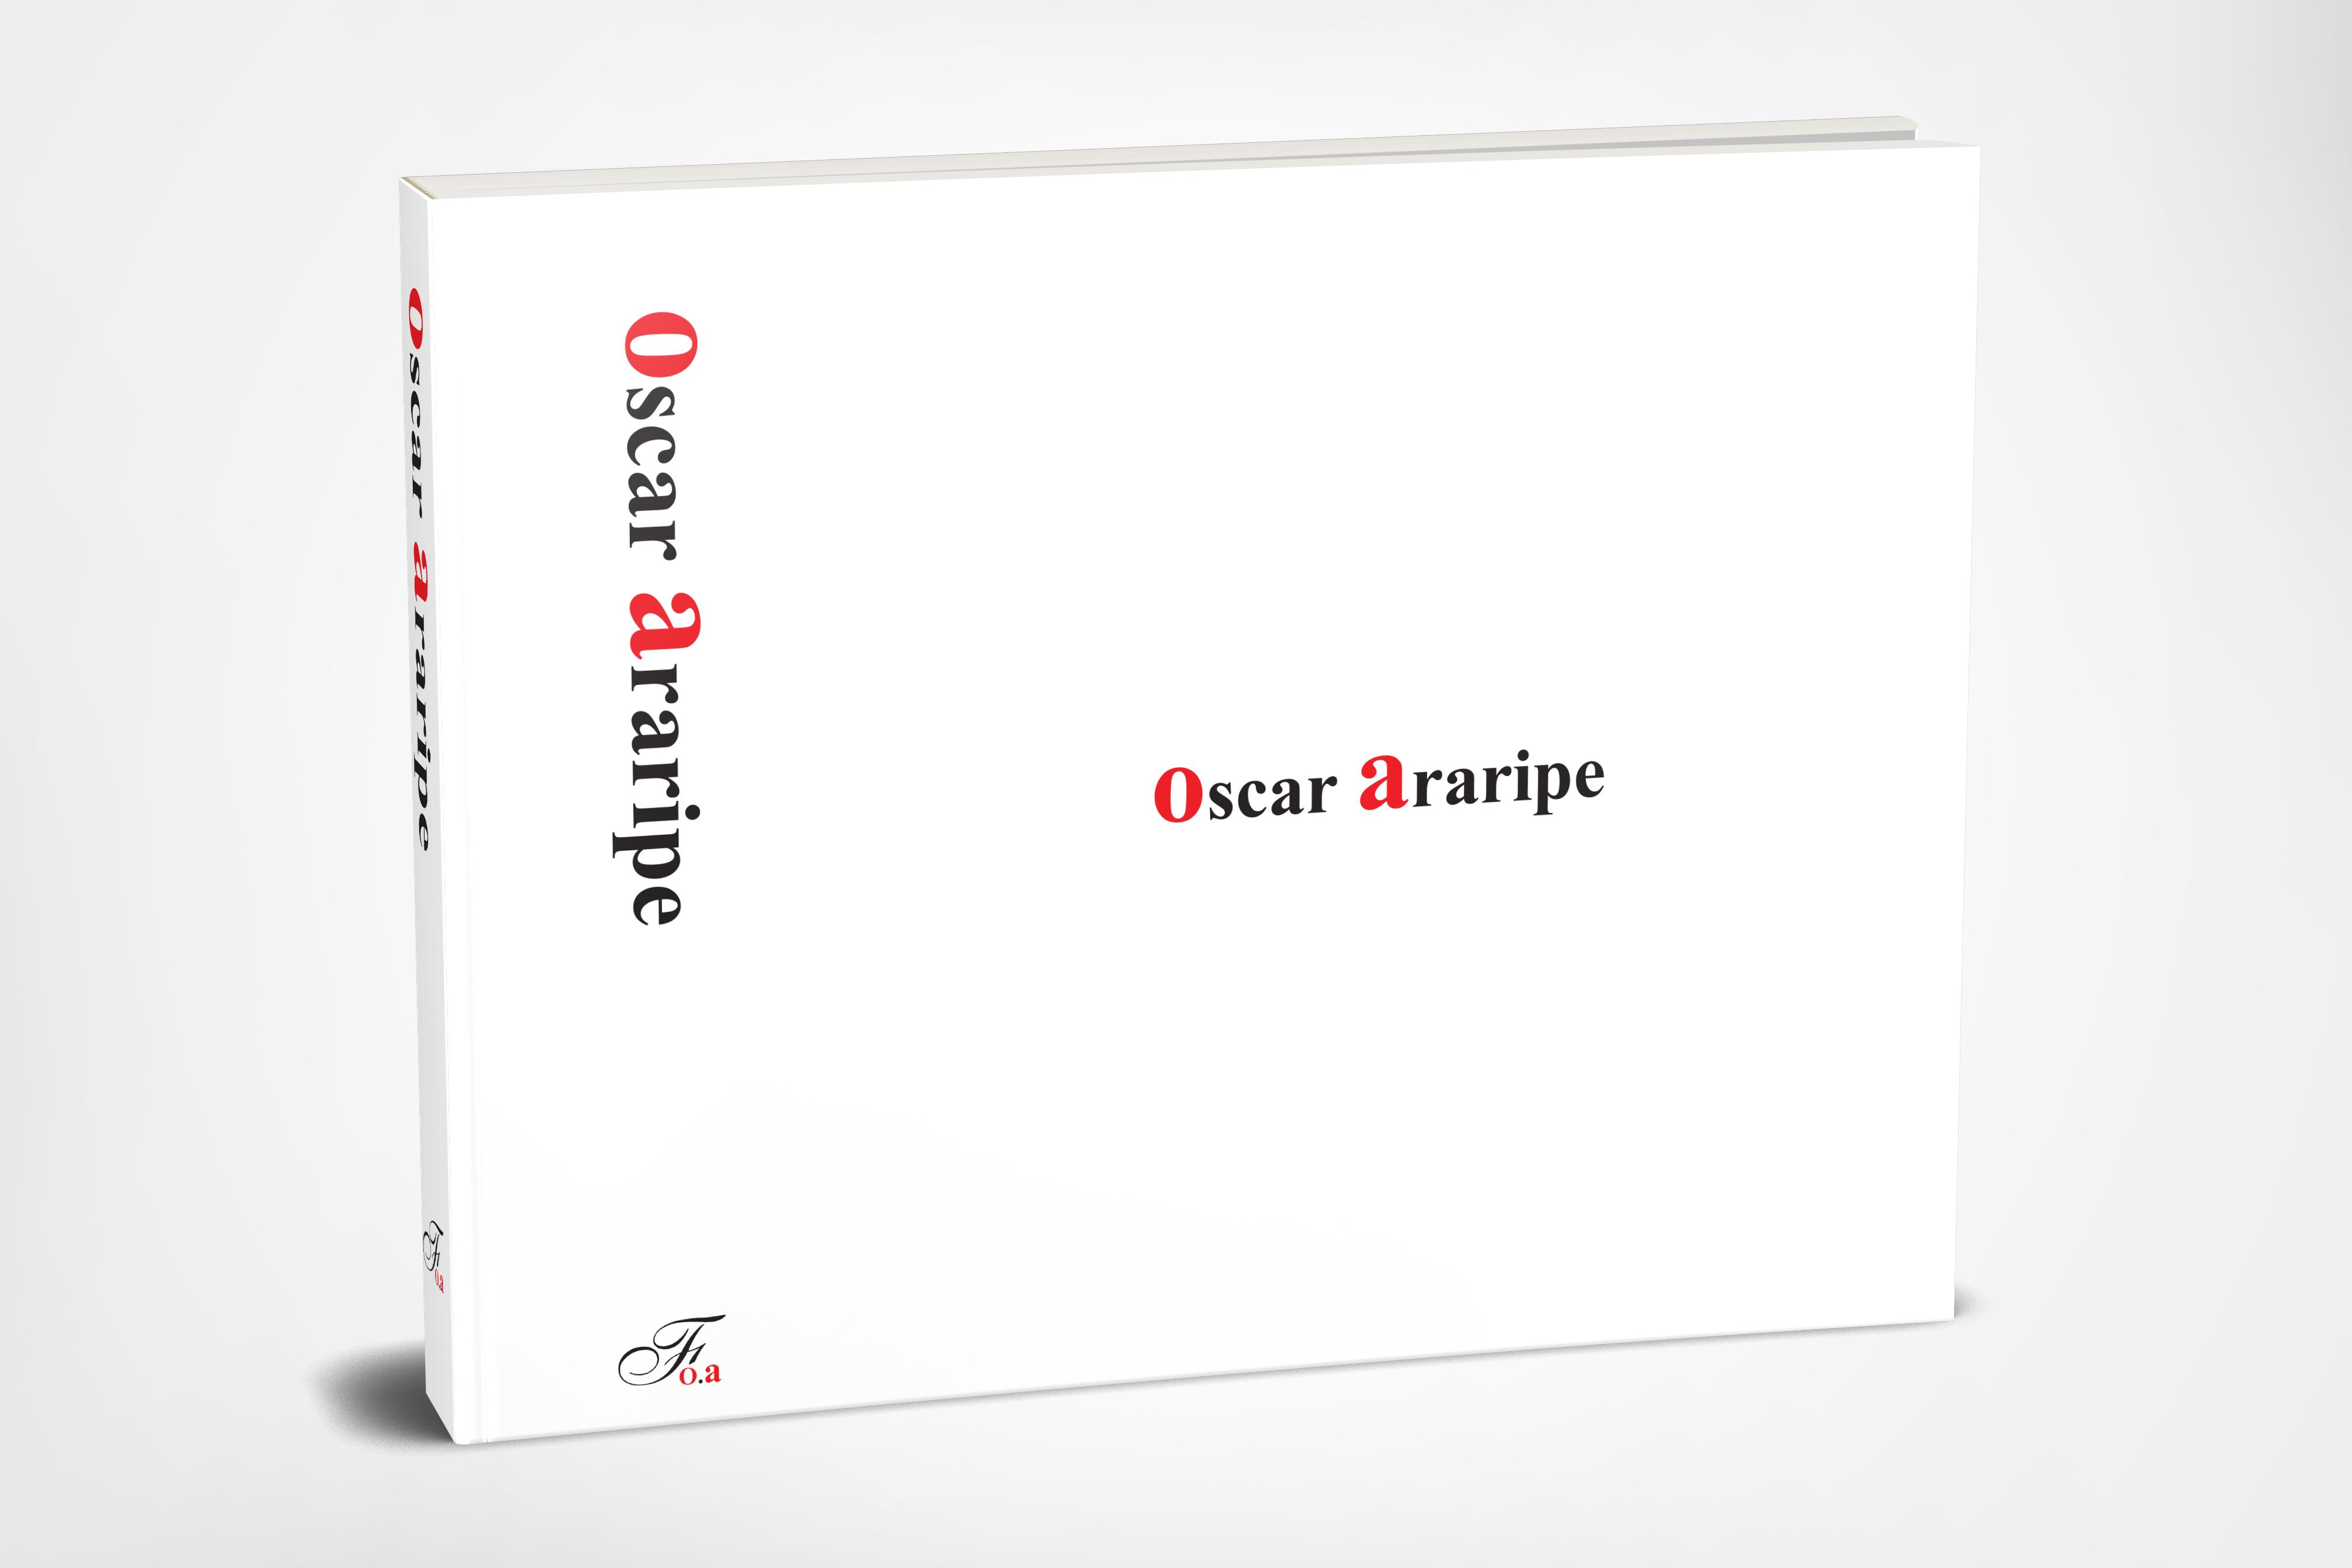 livro_biografia_oscar_araripe